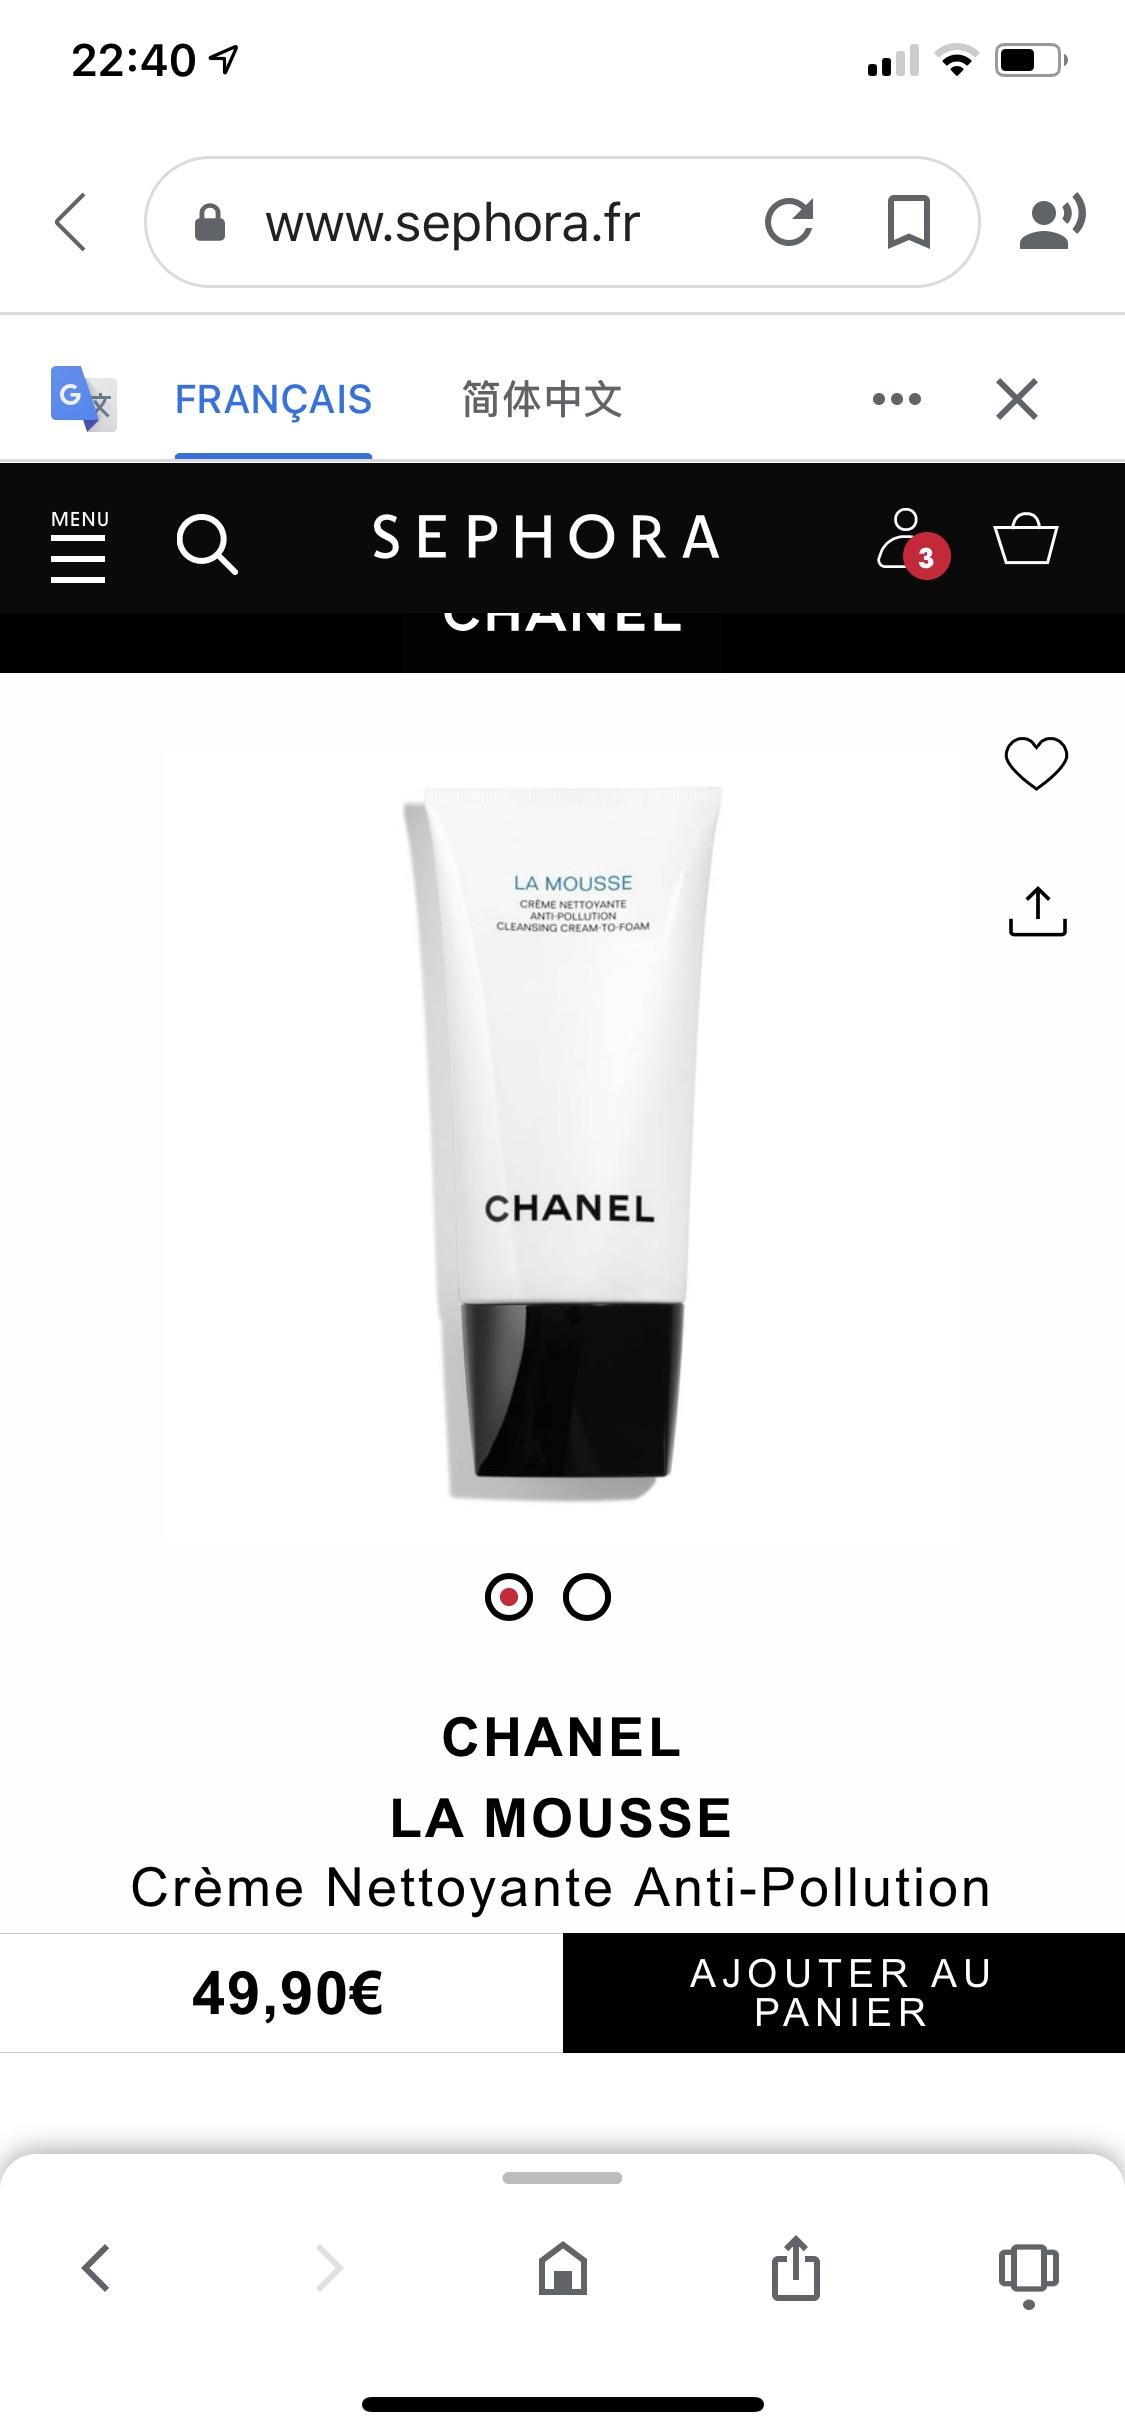 夏奈尔洗面奶的价格